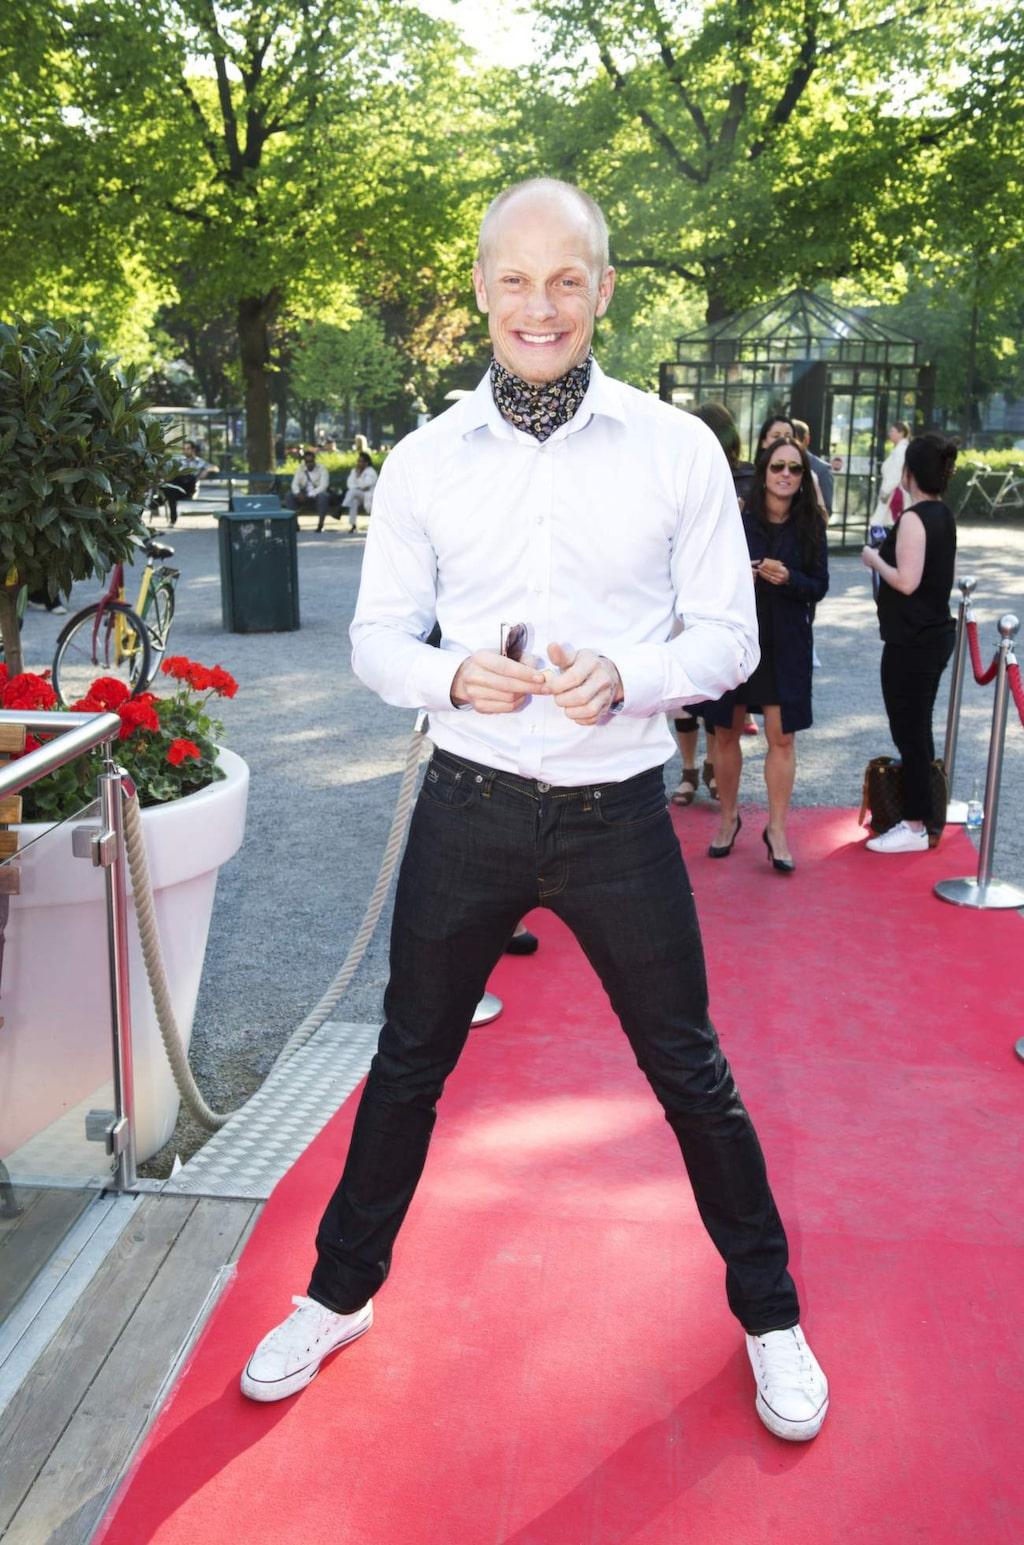 <p>Mälarpaviljonen på Norrmälarstrand är en av dansaren Tobias Karlssons favoriter.<br></p>